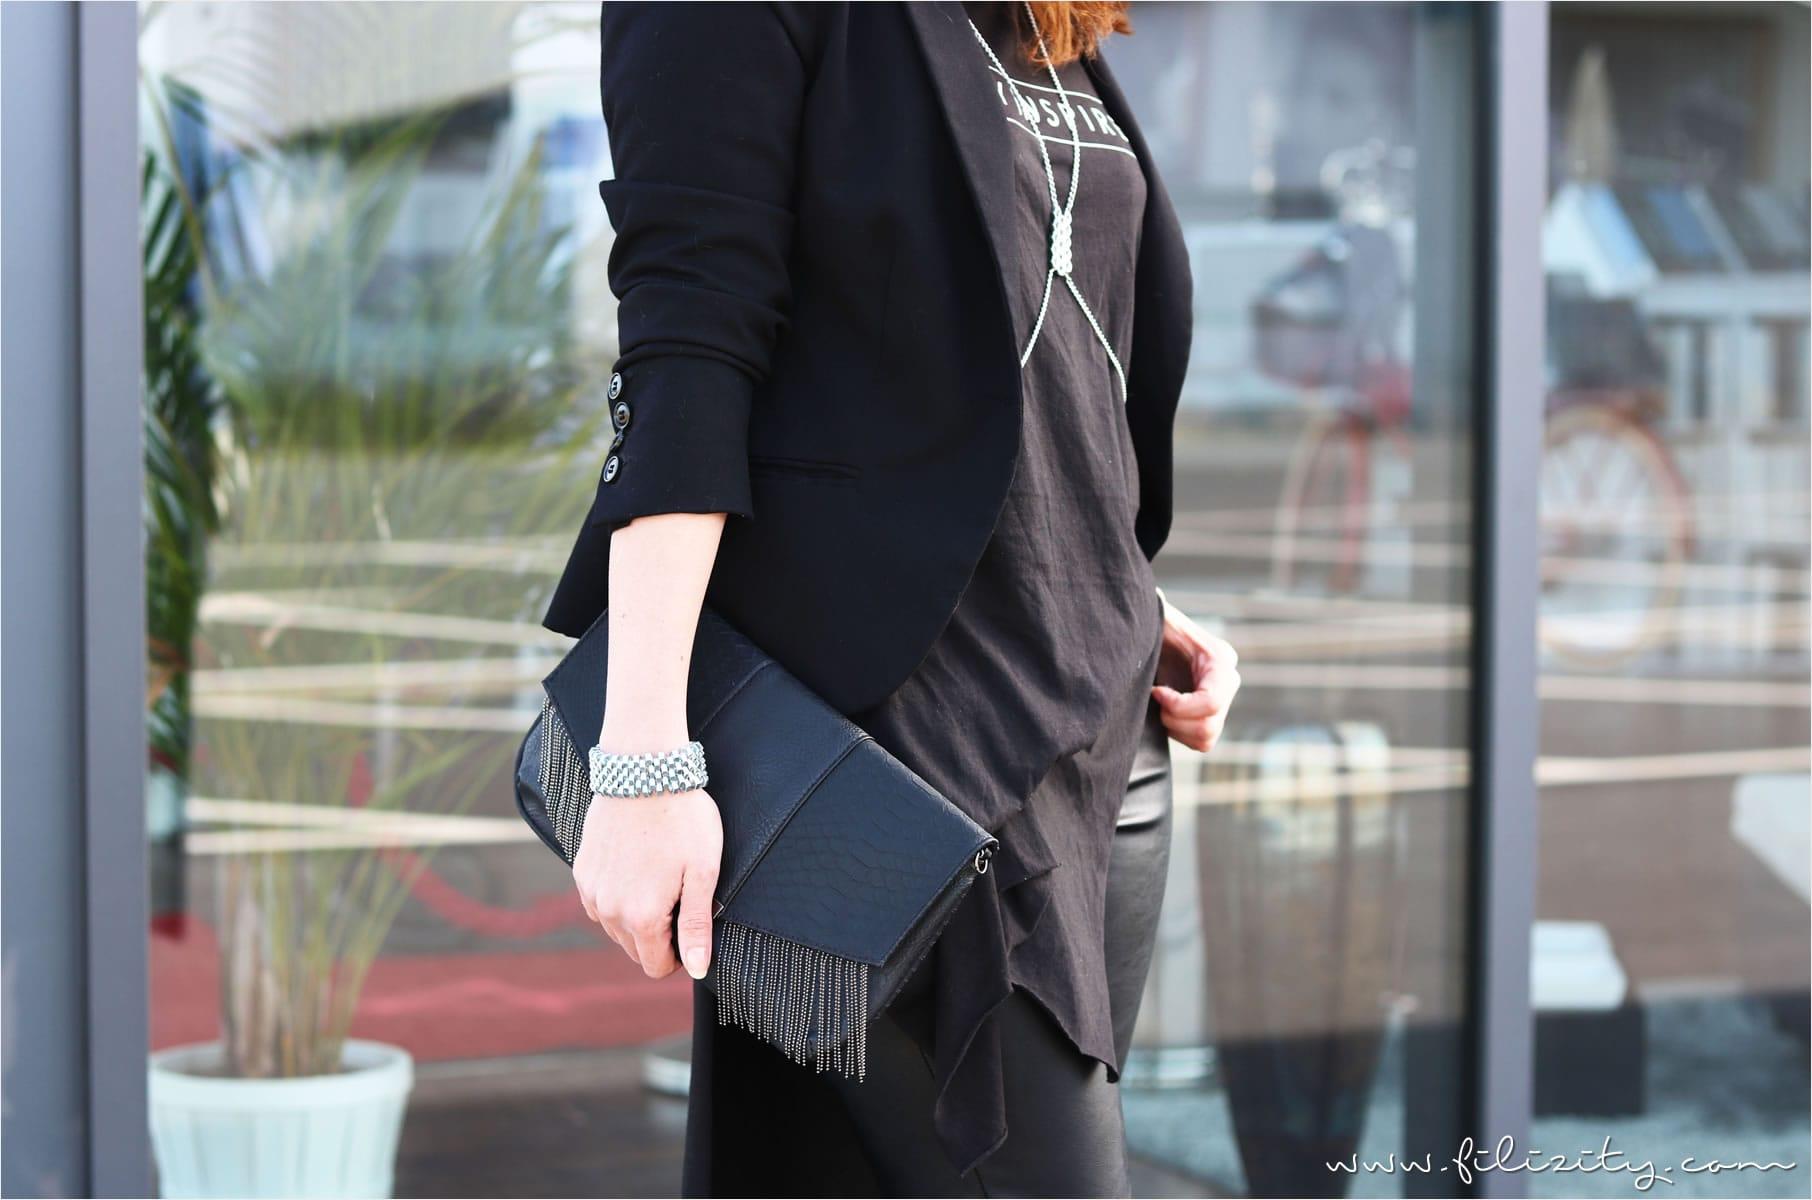 Mode mit Message – So kombiniert ihr Statement-Shirts